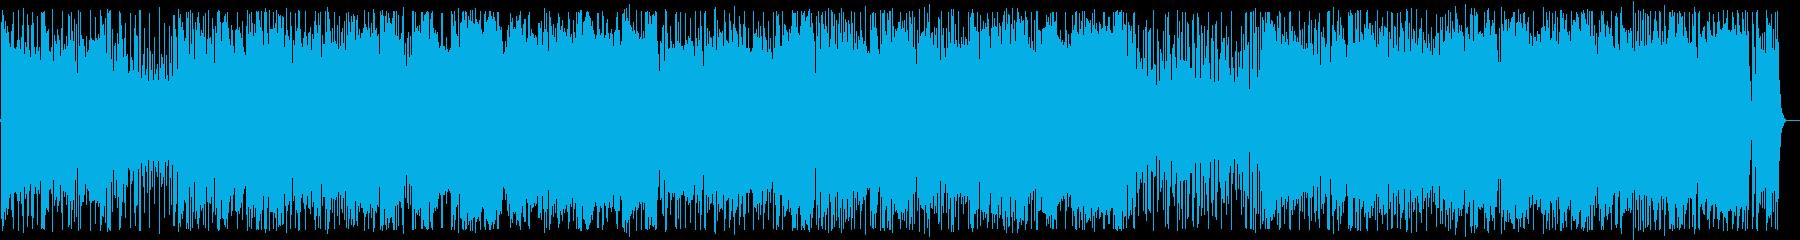 フュージョン・ポップス(別れの時を流す雨の再生済みの波形